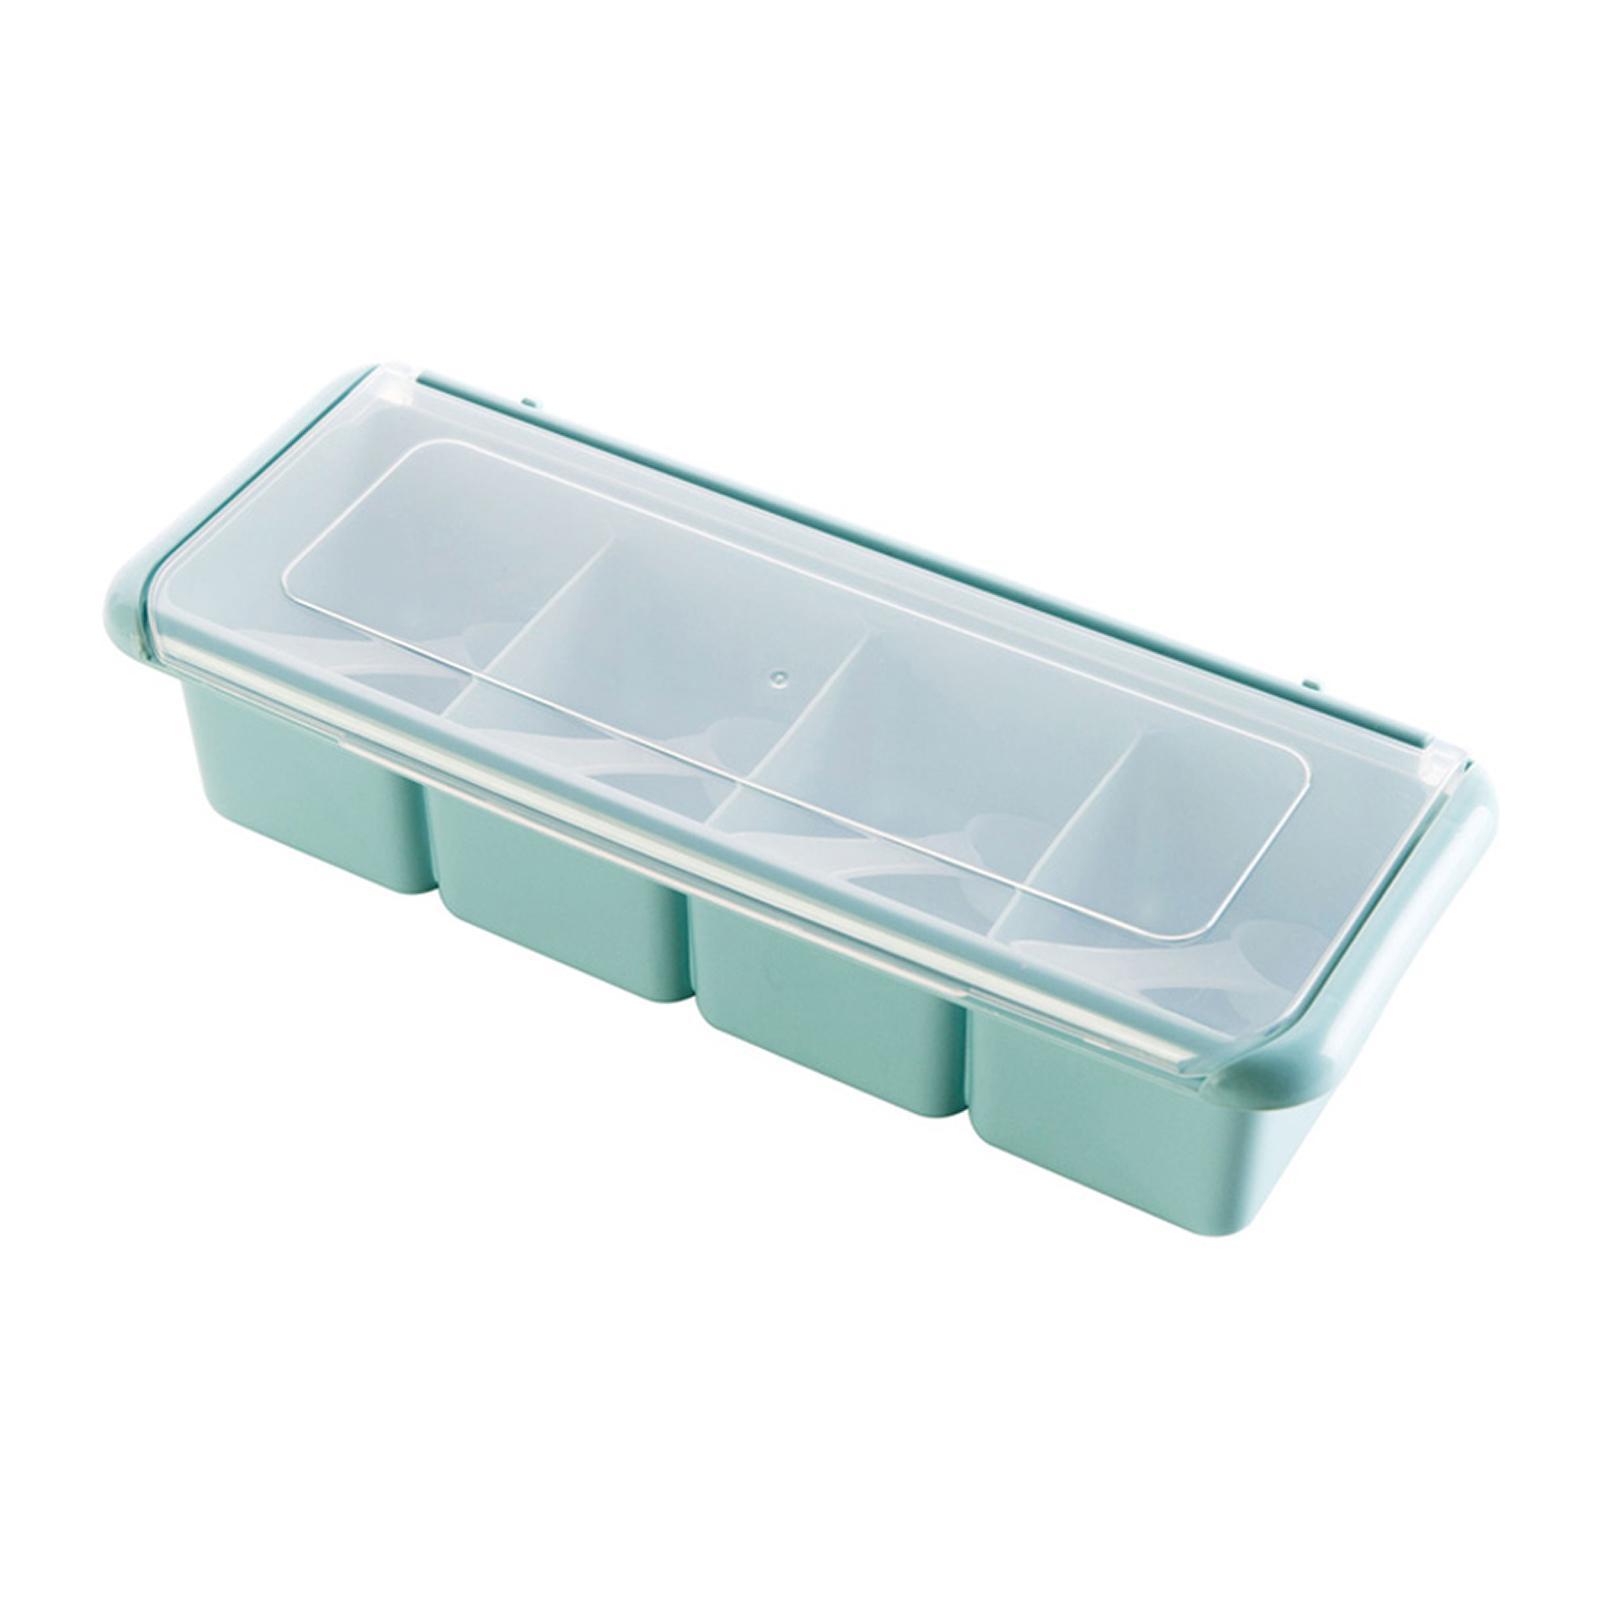 Mason Market Condiment Container Box - (4 Compartments)